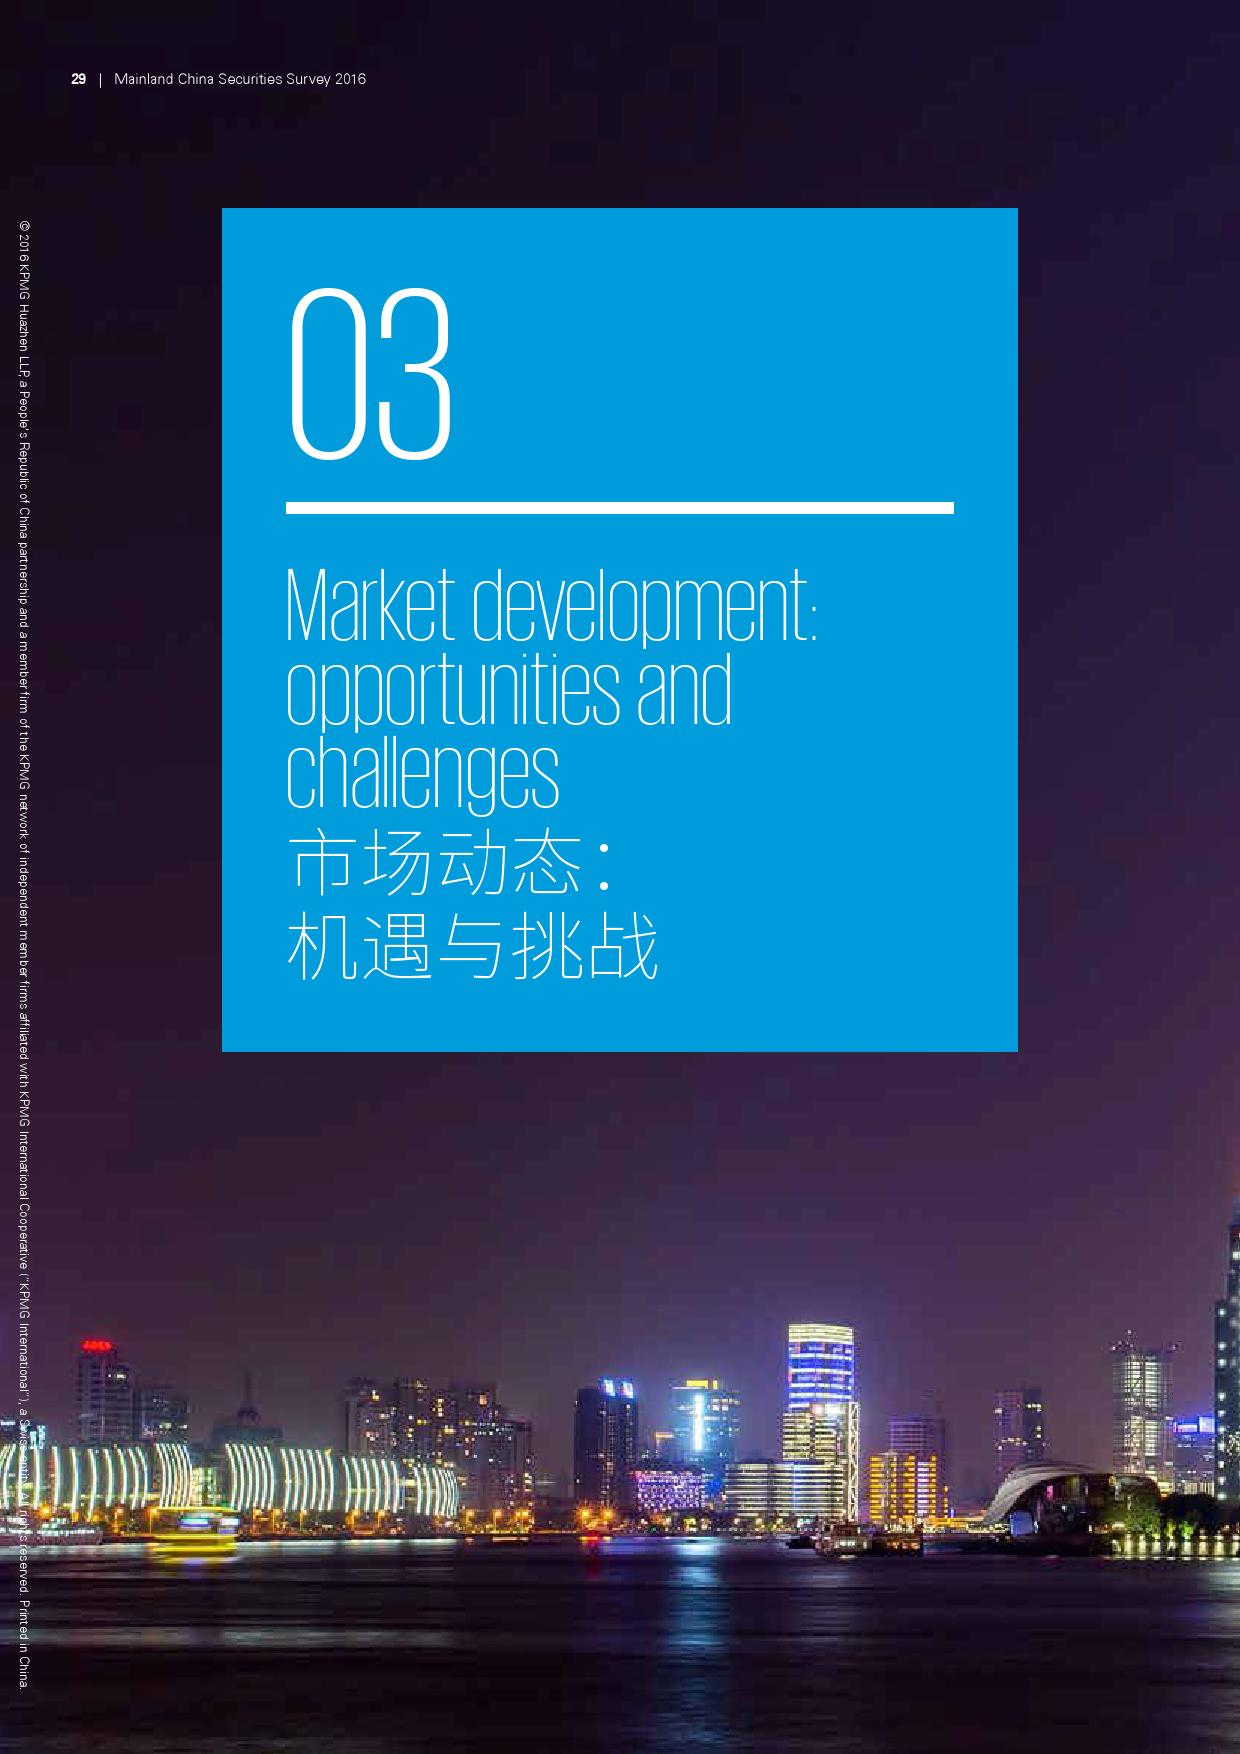 2016年中国证券业调查报告_000032